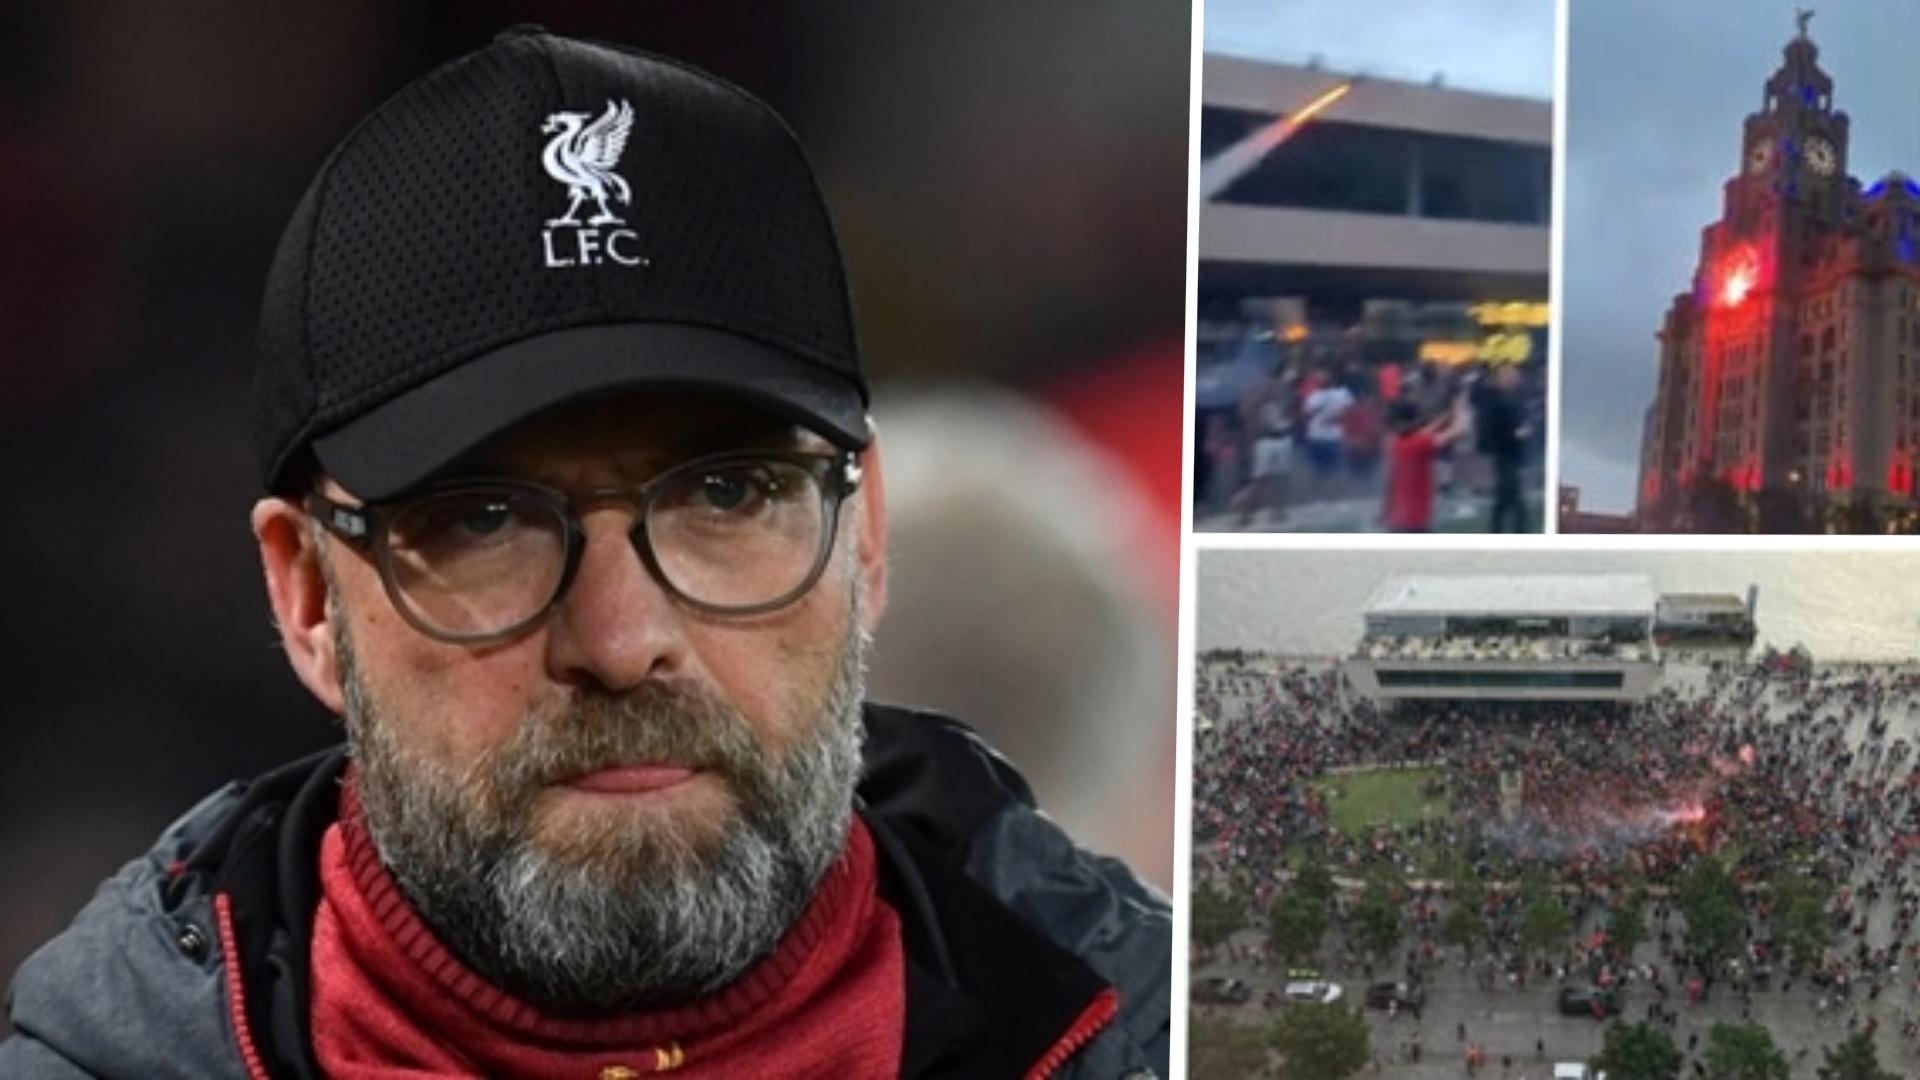 Liverpool - Klopp appelle les fans à célébrer le titre de manière responsable